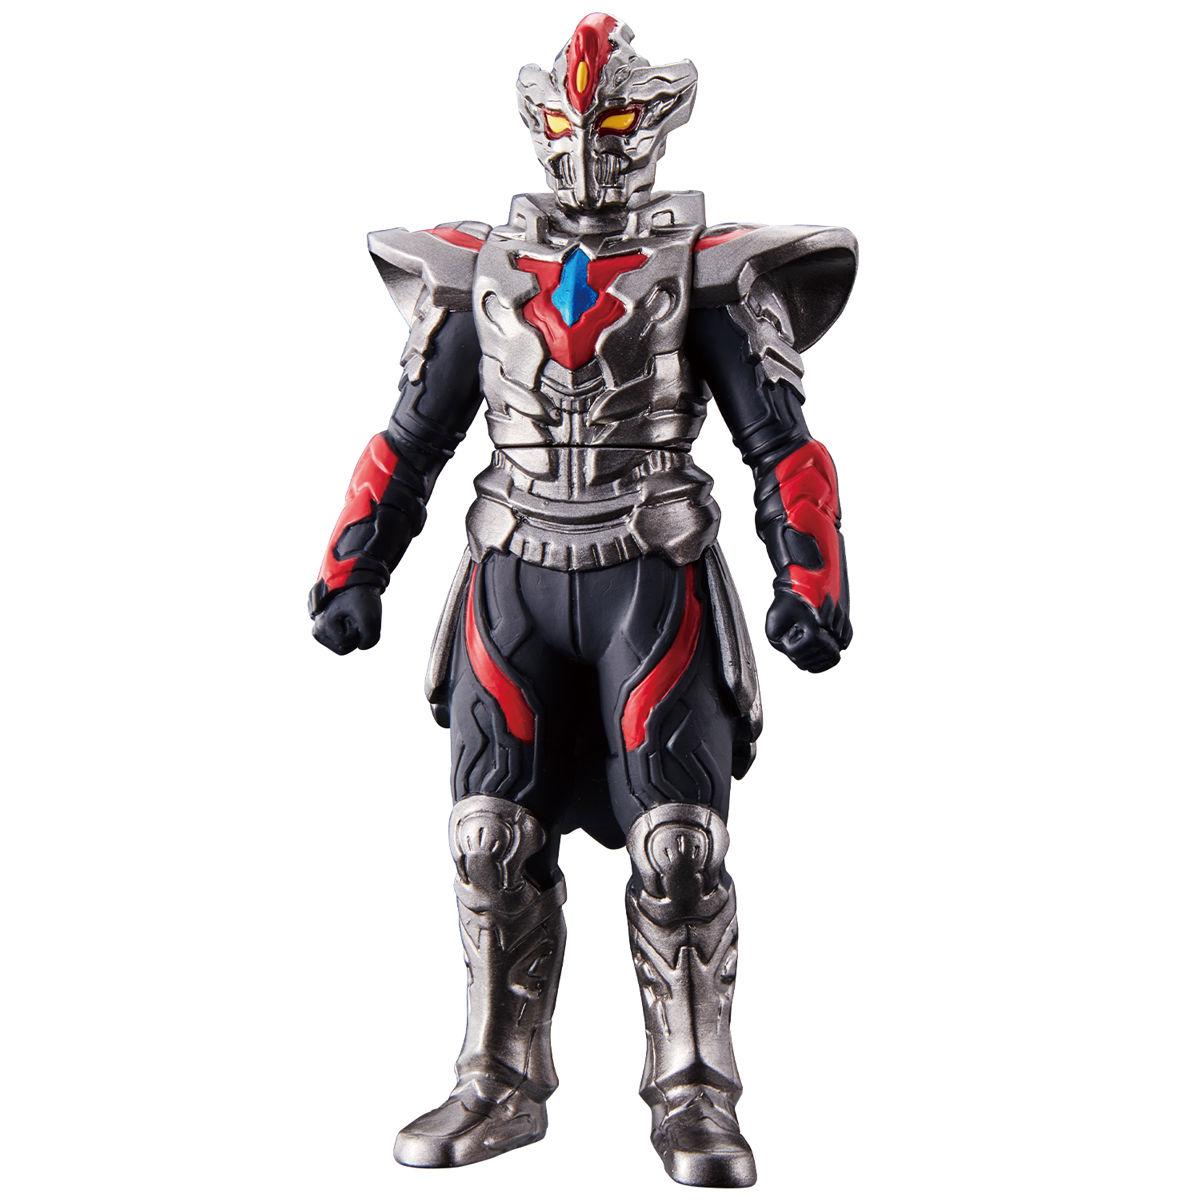 ウルトラ怪獣シリーズ 148 剛力闘士ダーゴン